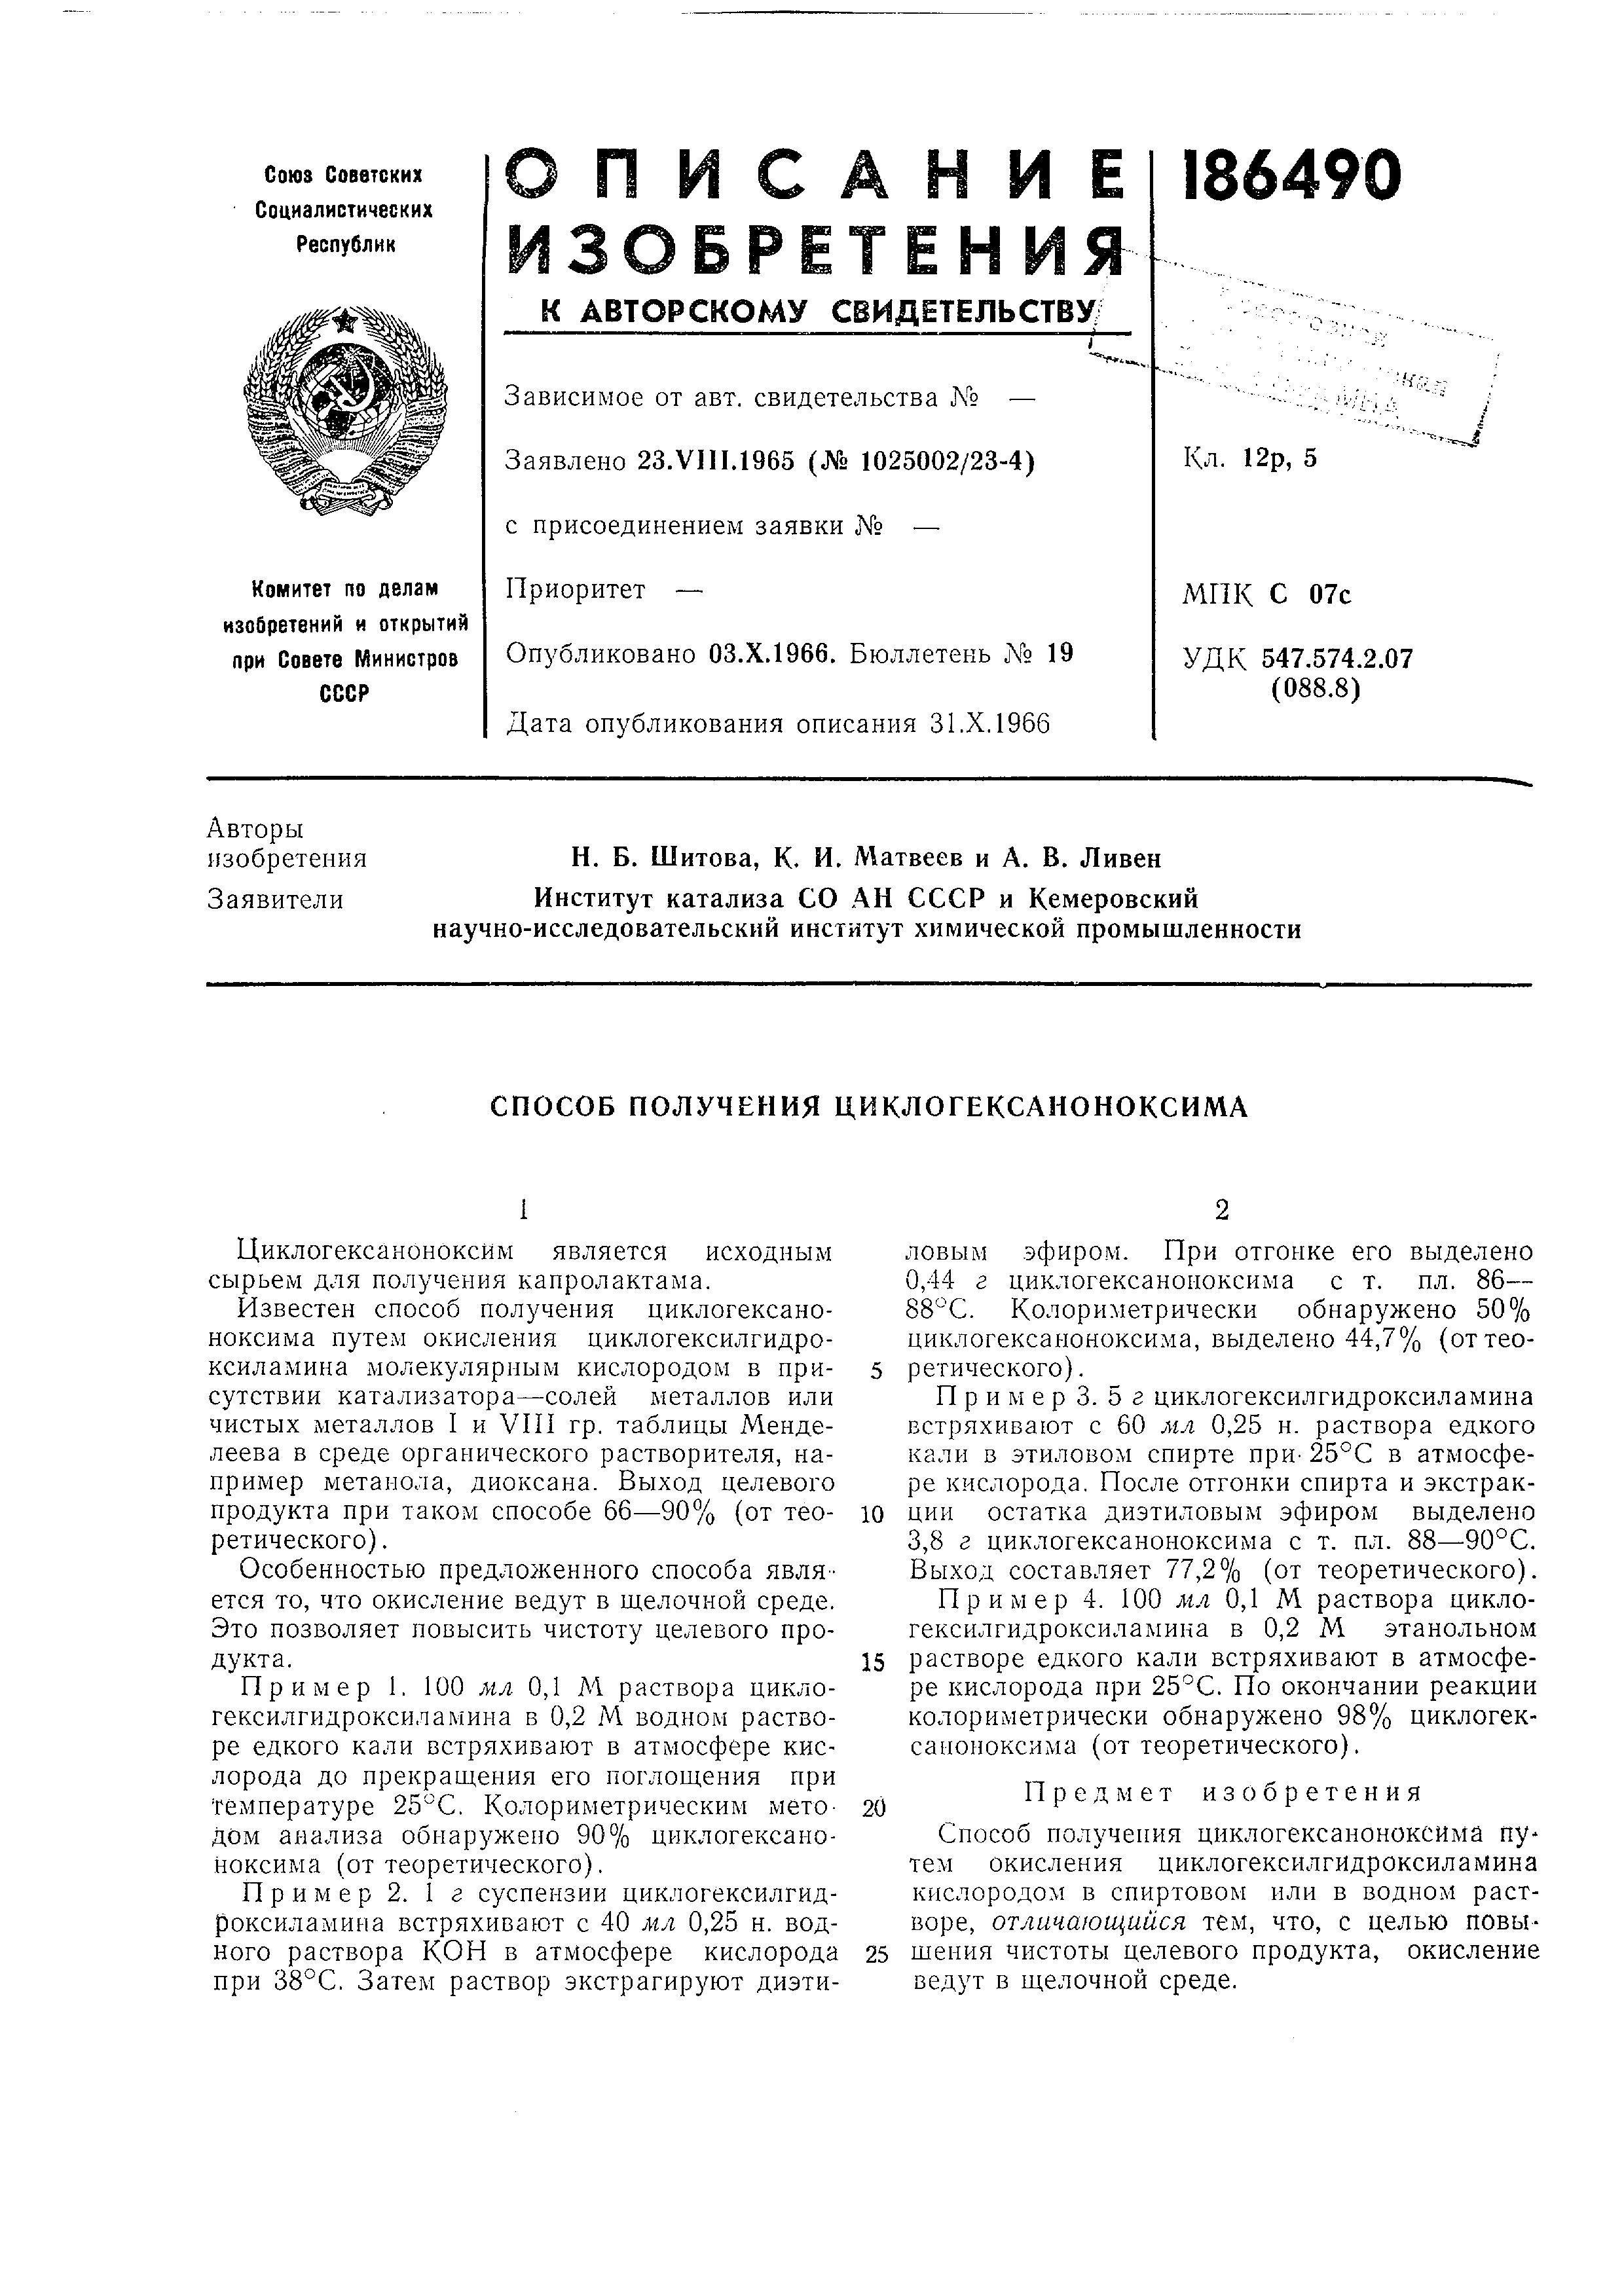 институты химическая промышленность: